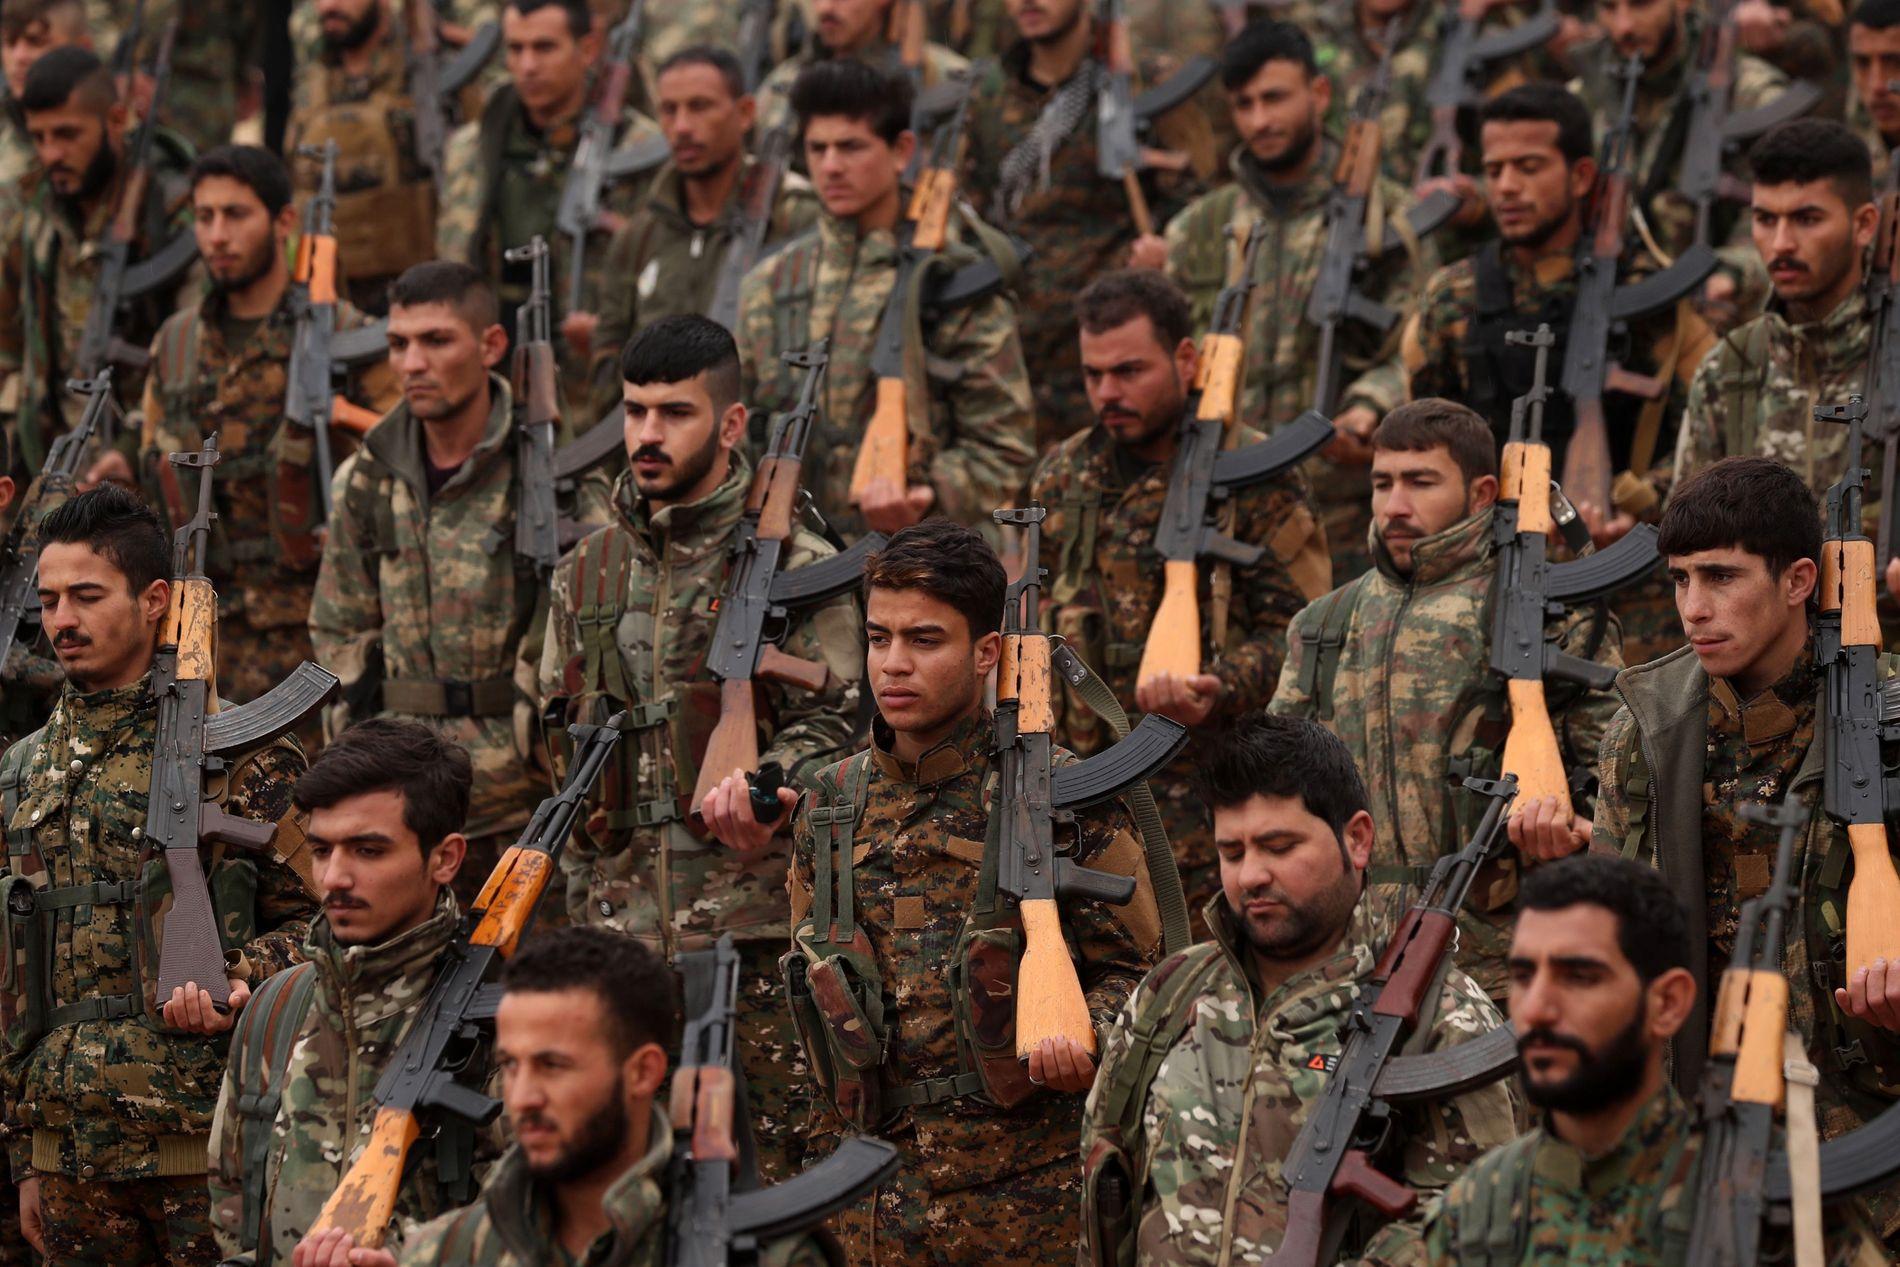 FRYKTER Å BLI FORLATT: Krigere fra «Syrian democratic forces», der YPG utgjør majoriteten, fotografert i Deir Ezzor, Syria den 31. desember 2018.